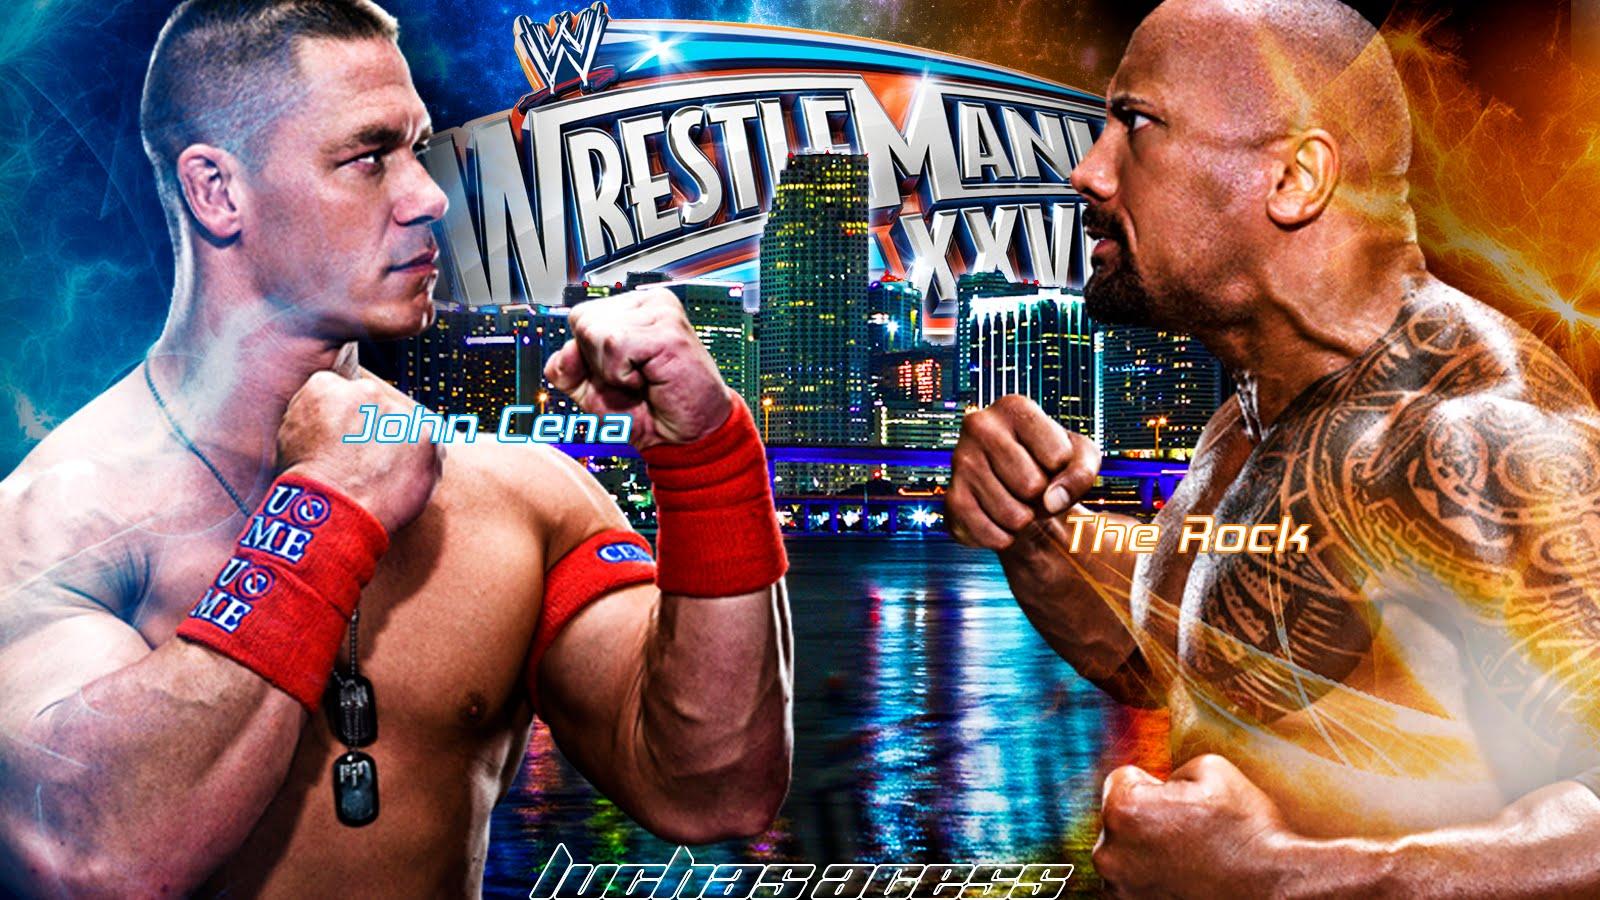 http://4.bp.blogspot.com/-ZrVmVER4llM/T3VtxZxjTTI/AAAAAAAAxQ0/vLo48rWMNbQ/s1600/wallpaper-john-cena-vs-the-rock-wrestlemania-28-2012.jpg